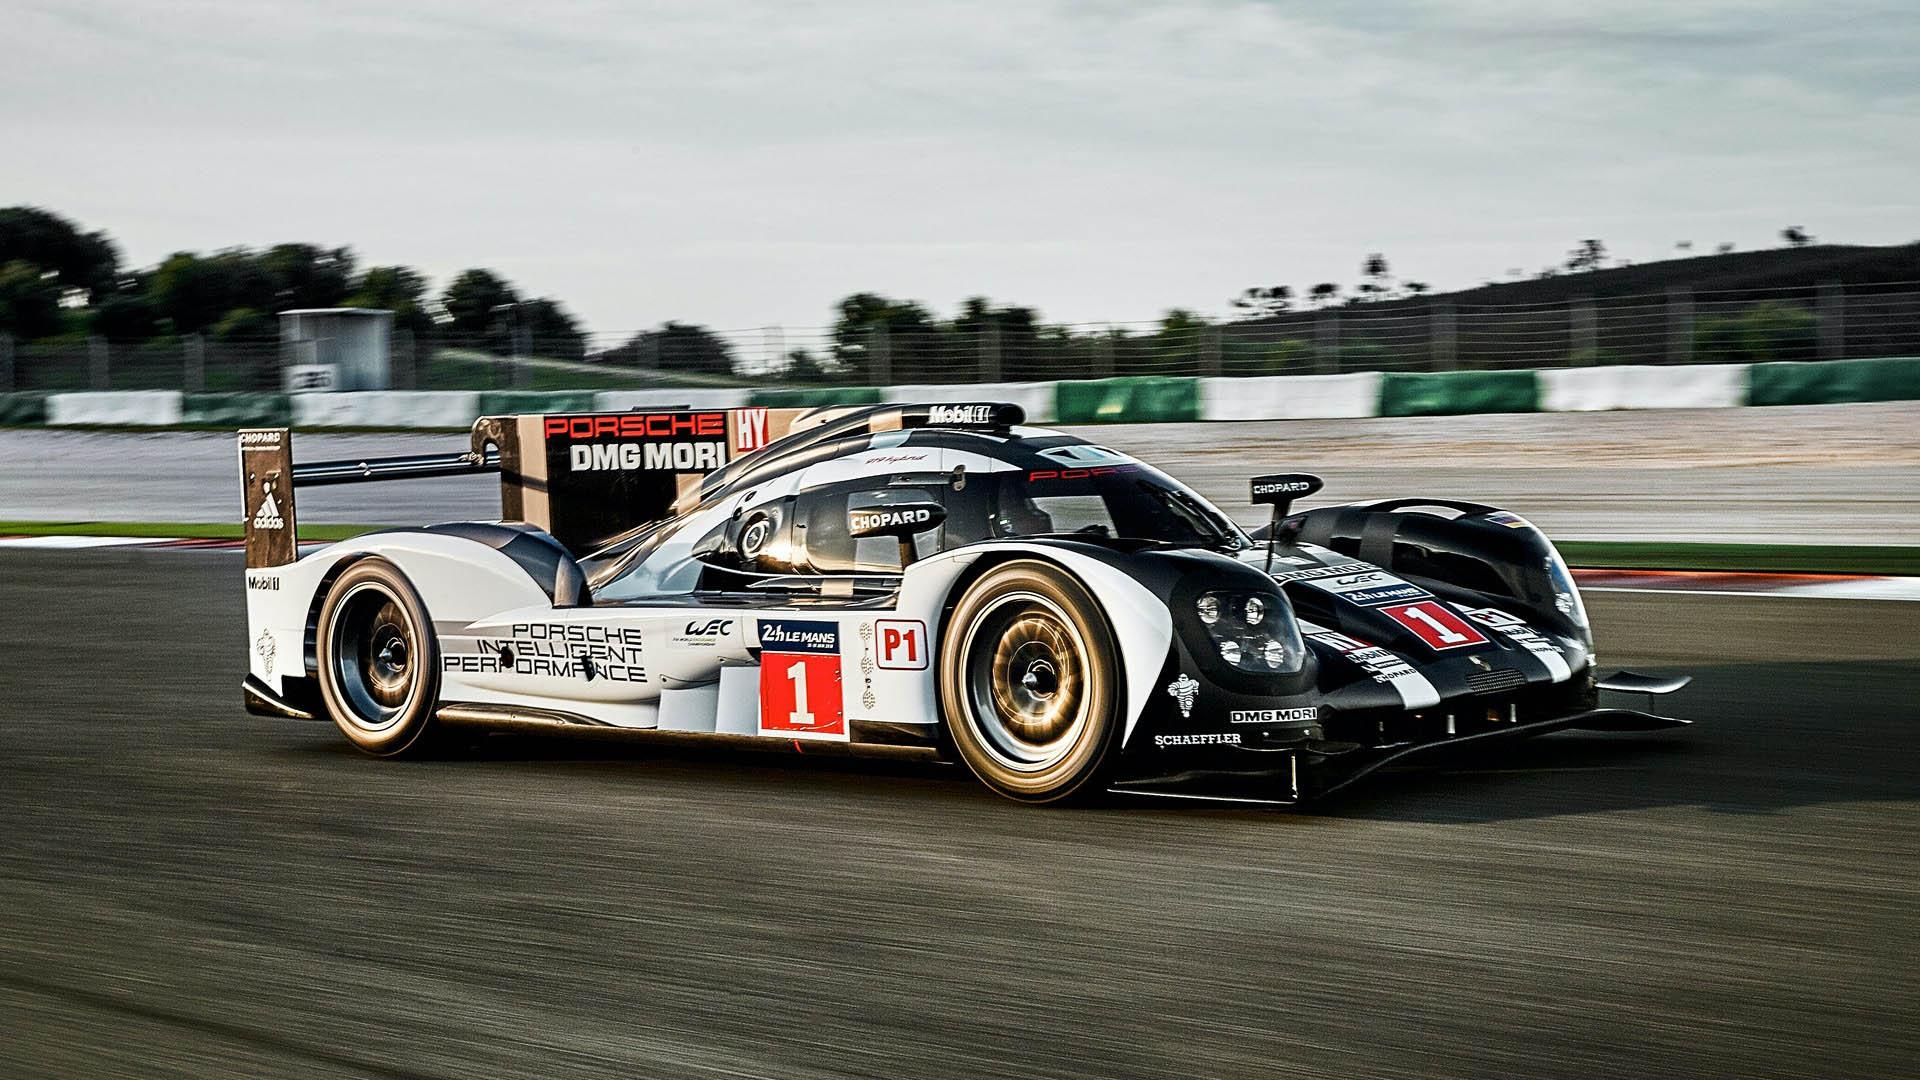 Τι ζητάει η Porsche για να συμμετάσχει στην Formula 1;